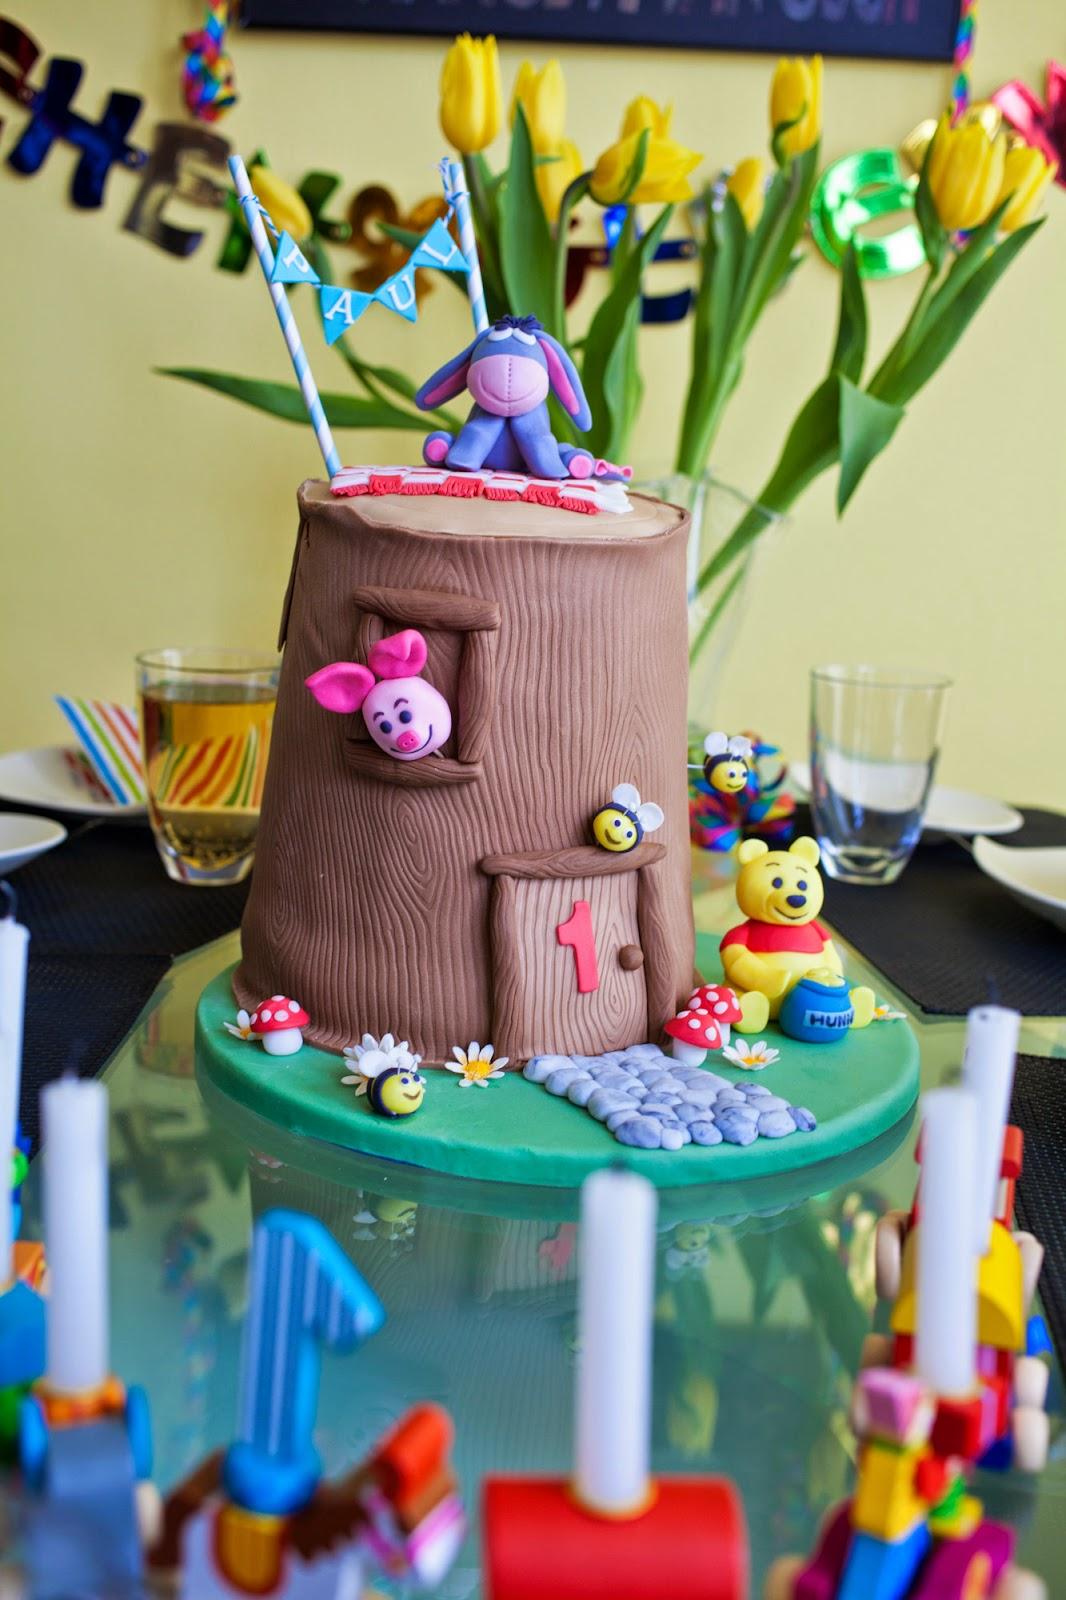 Tutorial winnie pooh baumhaus torte und rezept f r r blitorte mit frischk secreme - Winnie pooh kuchen deko ...